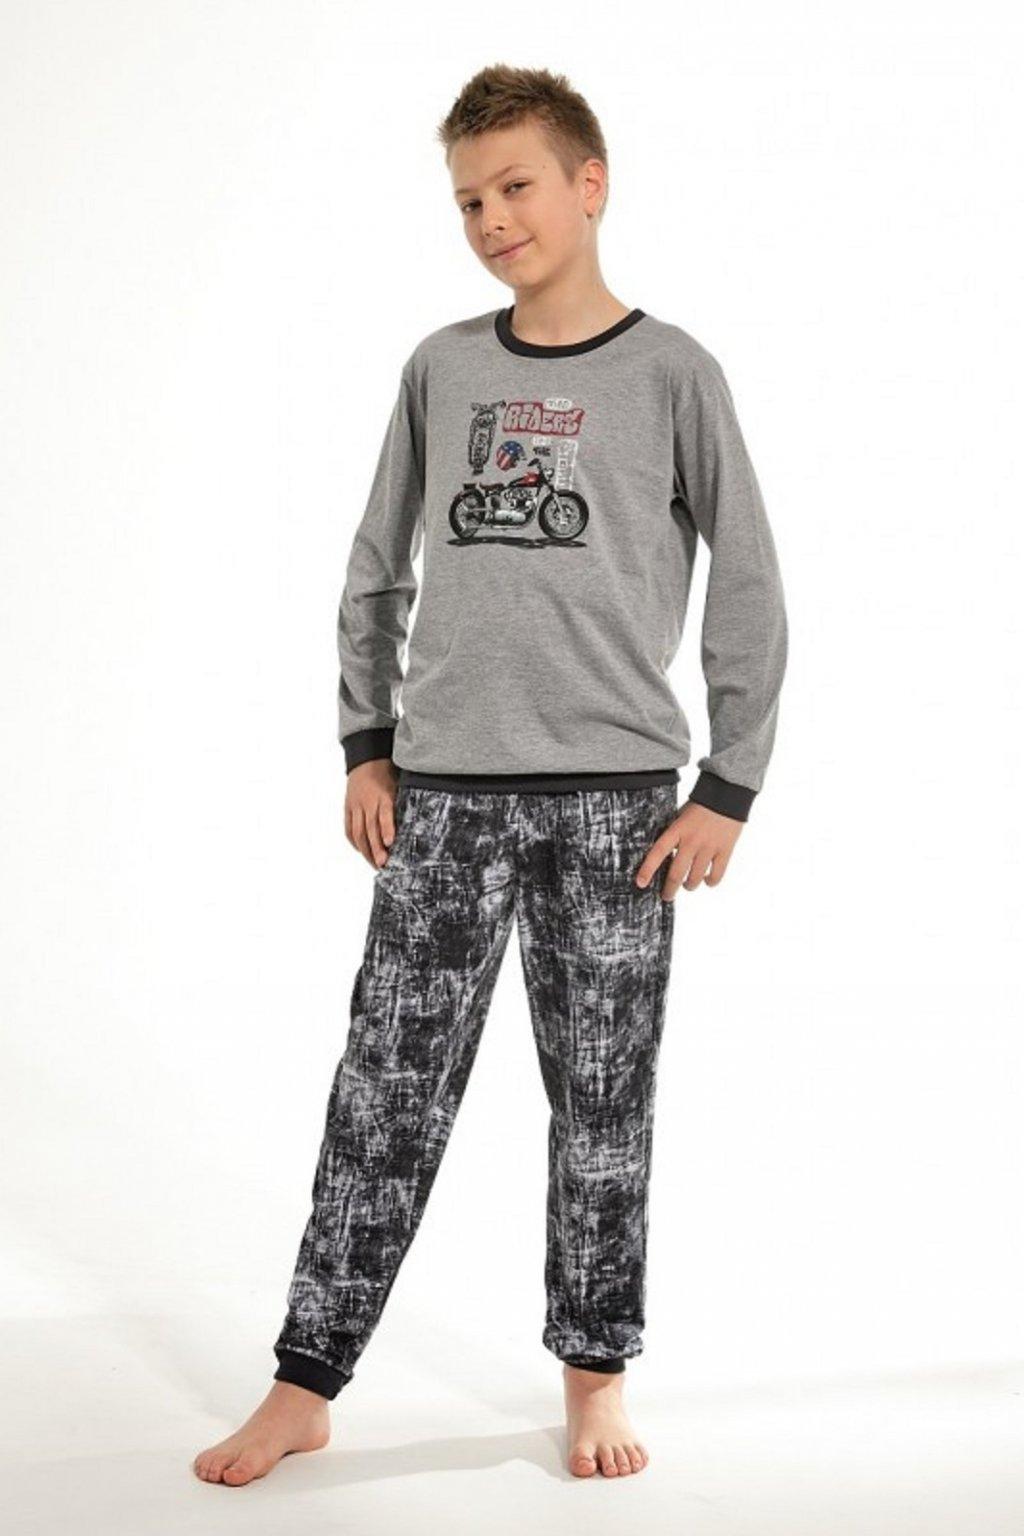 Chlapecké pyžamo Cornette 593-966/101 Riders